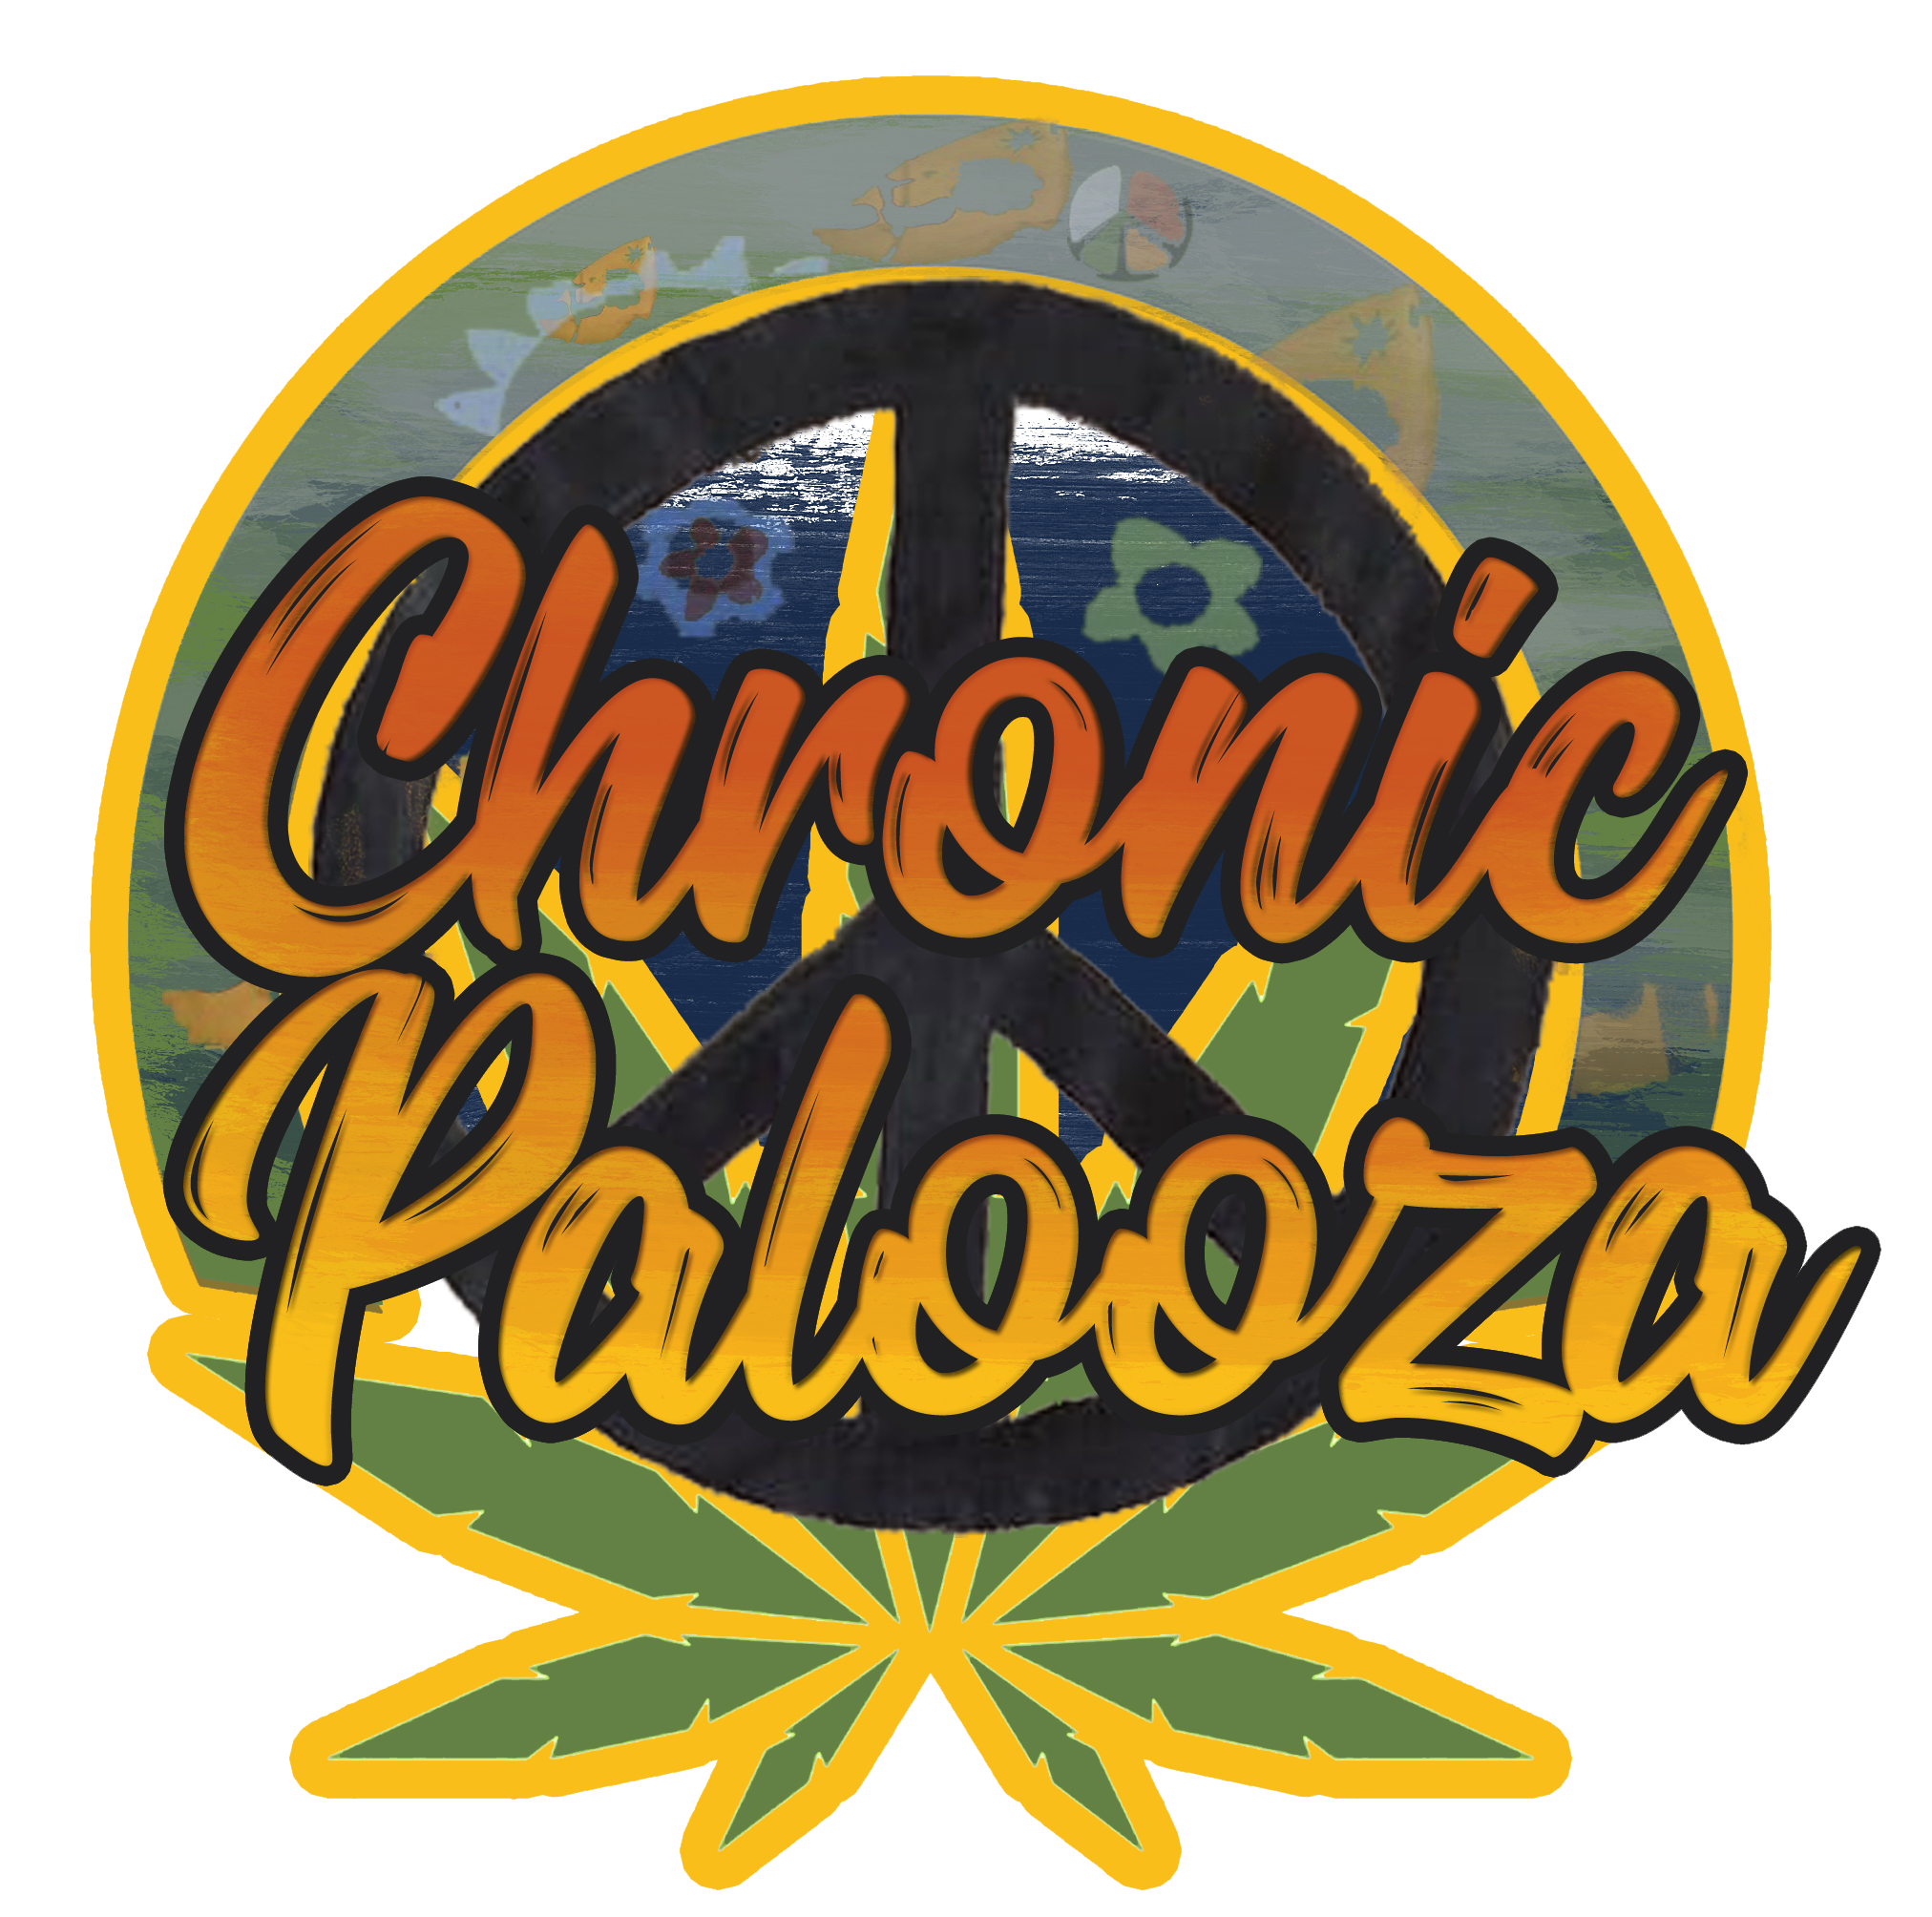 Chronic Palooza 405